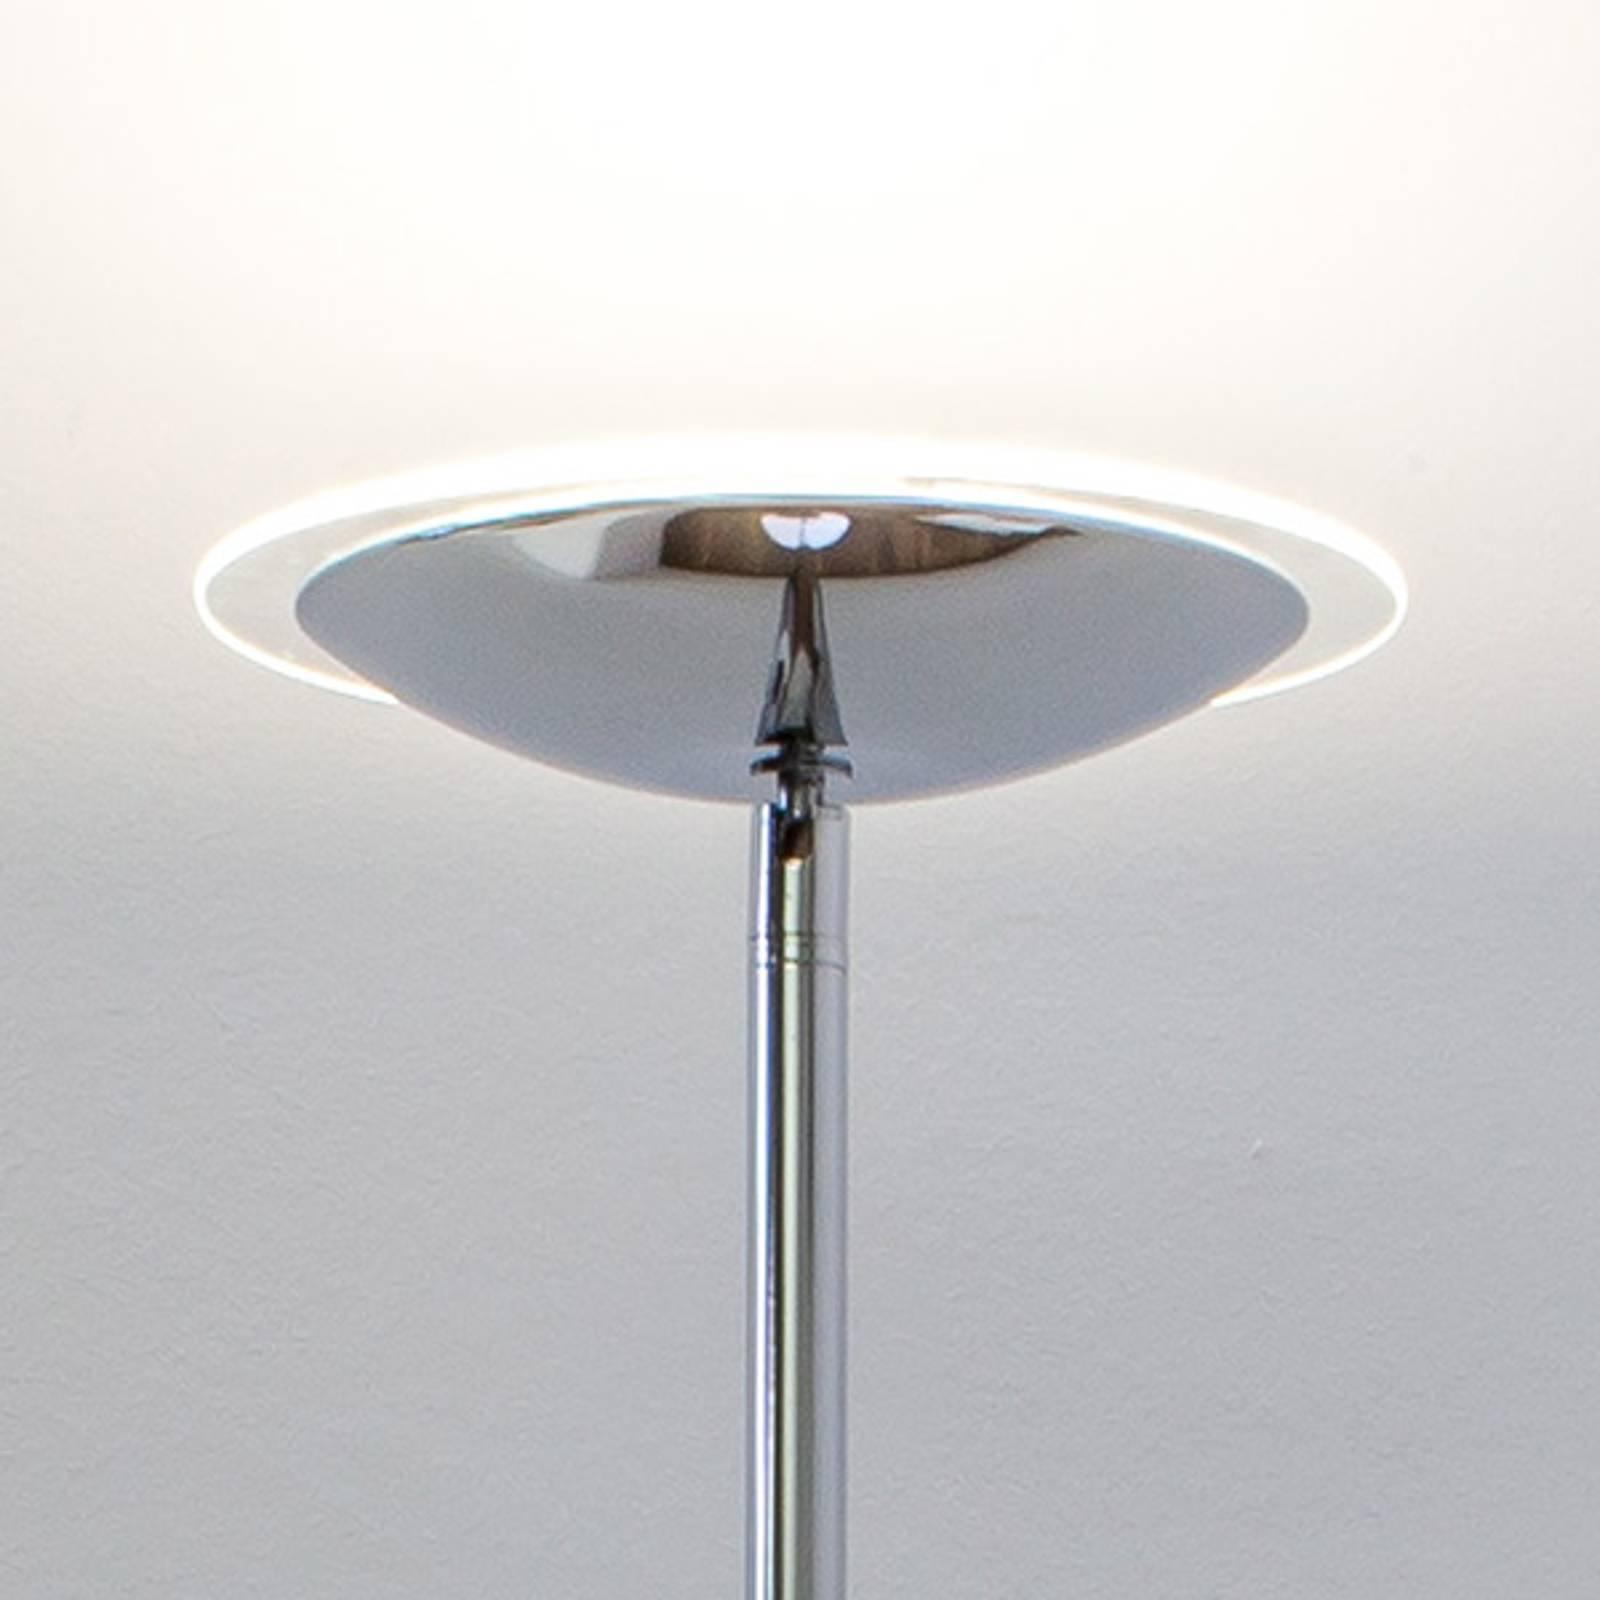 Chroomglanzende LED uplighter Malea